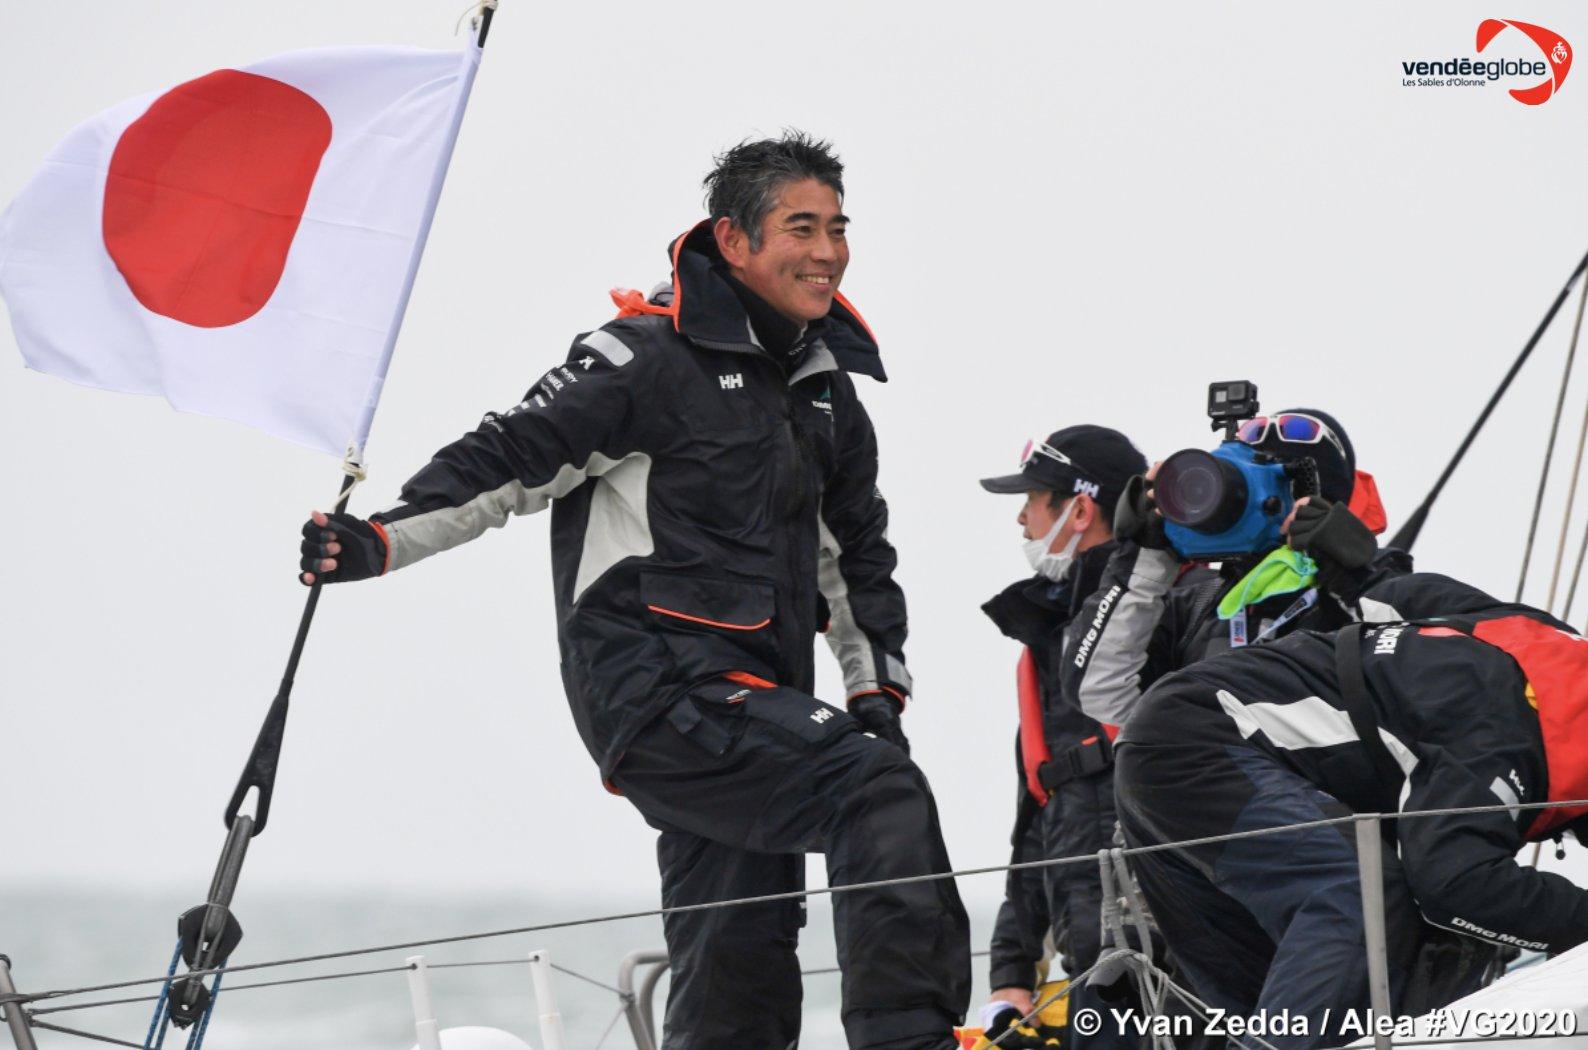 Японский шкипер Коджиро Шираиши 30 лет мечтал о гонке Vendee Globe